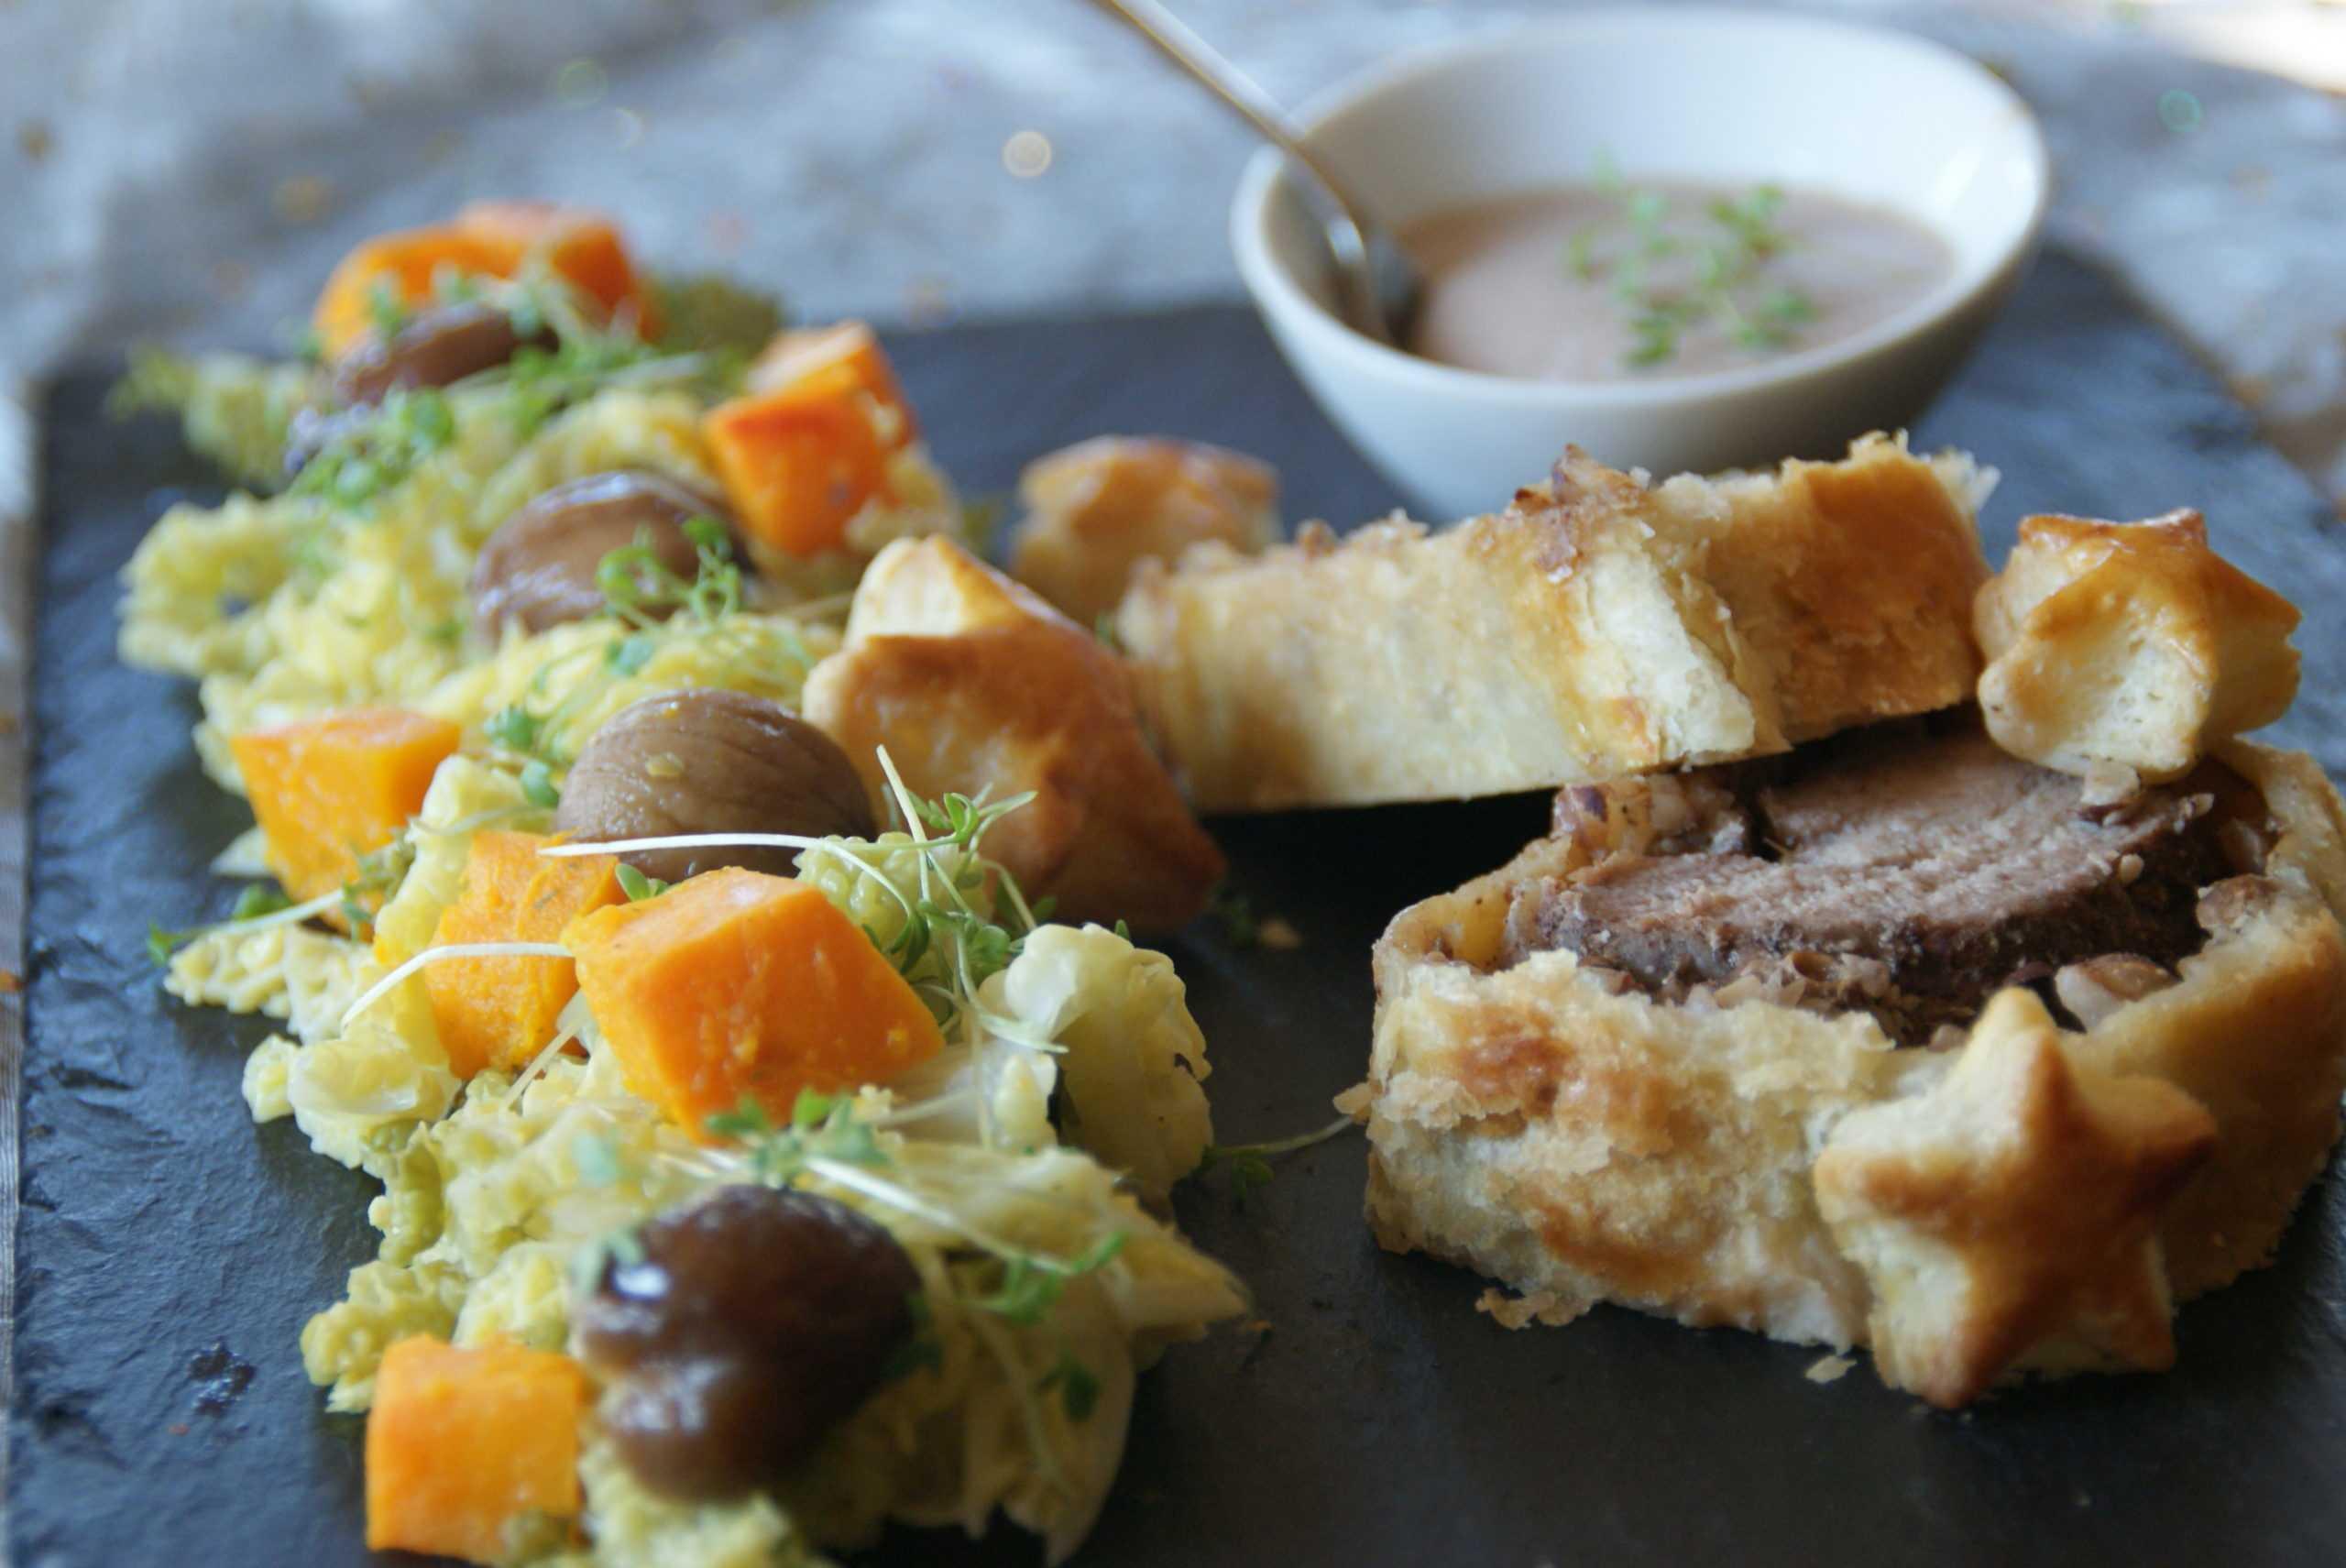 Filet mignon en croûte,Poêlée de légumes d'hiver,sauce forestière aux airs de fête.